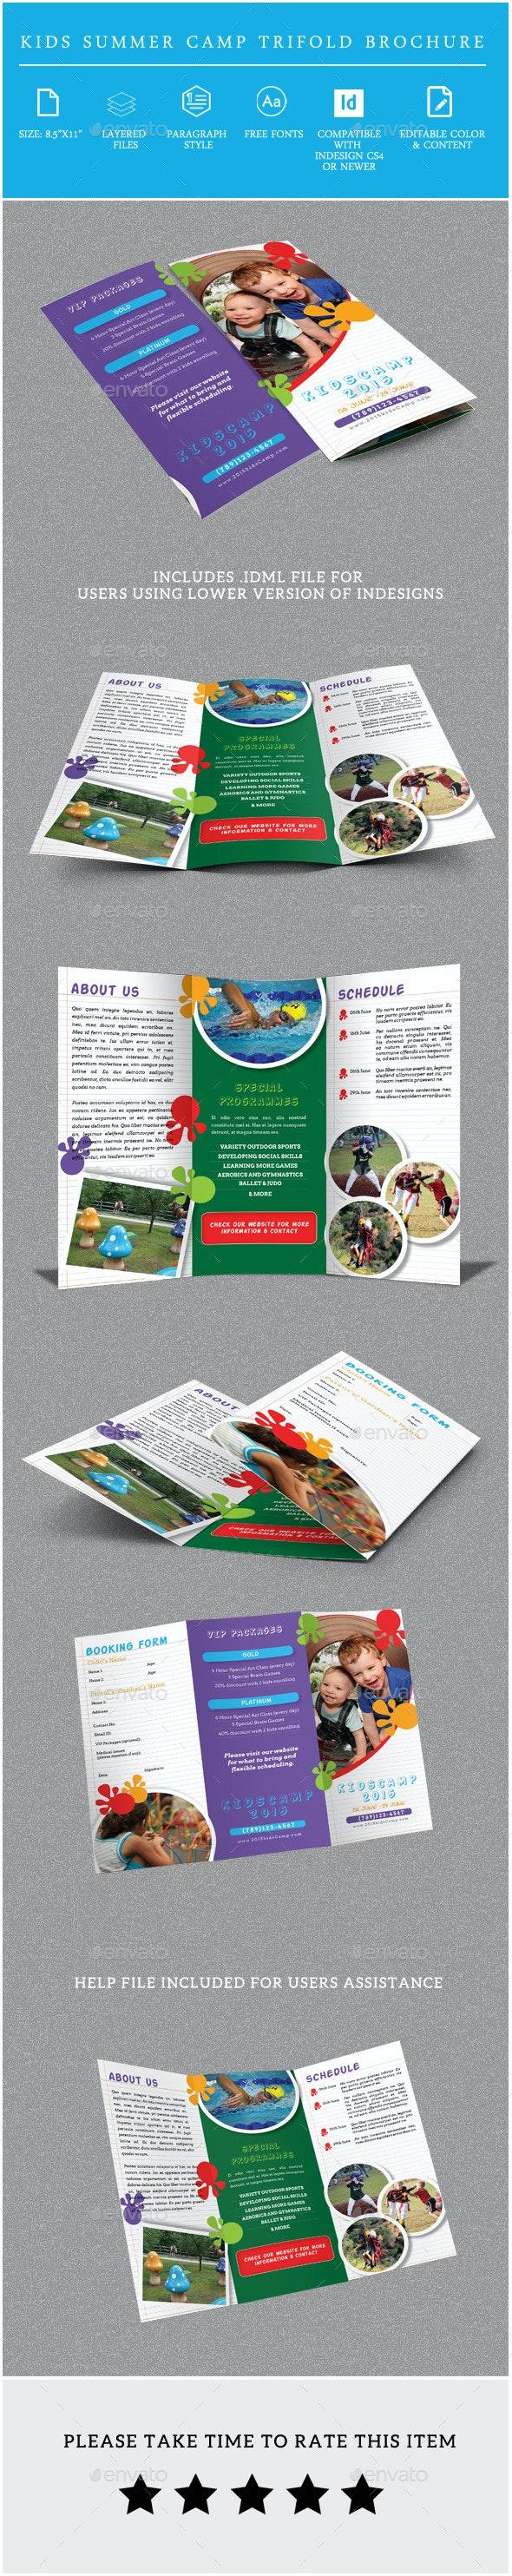 Kids Summer Camp Trifold Brochure - Informational Brochures